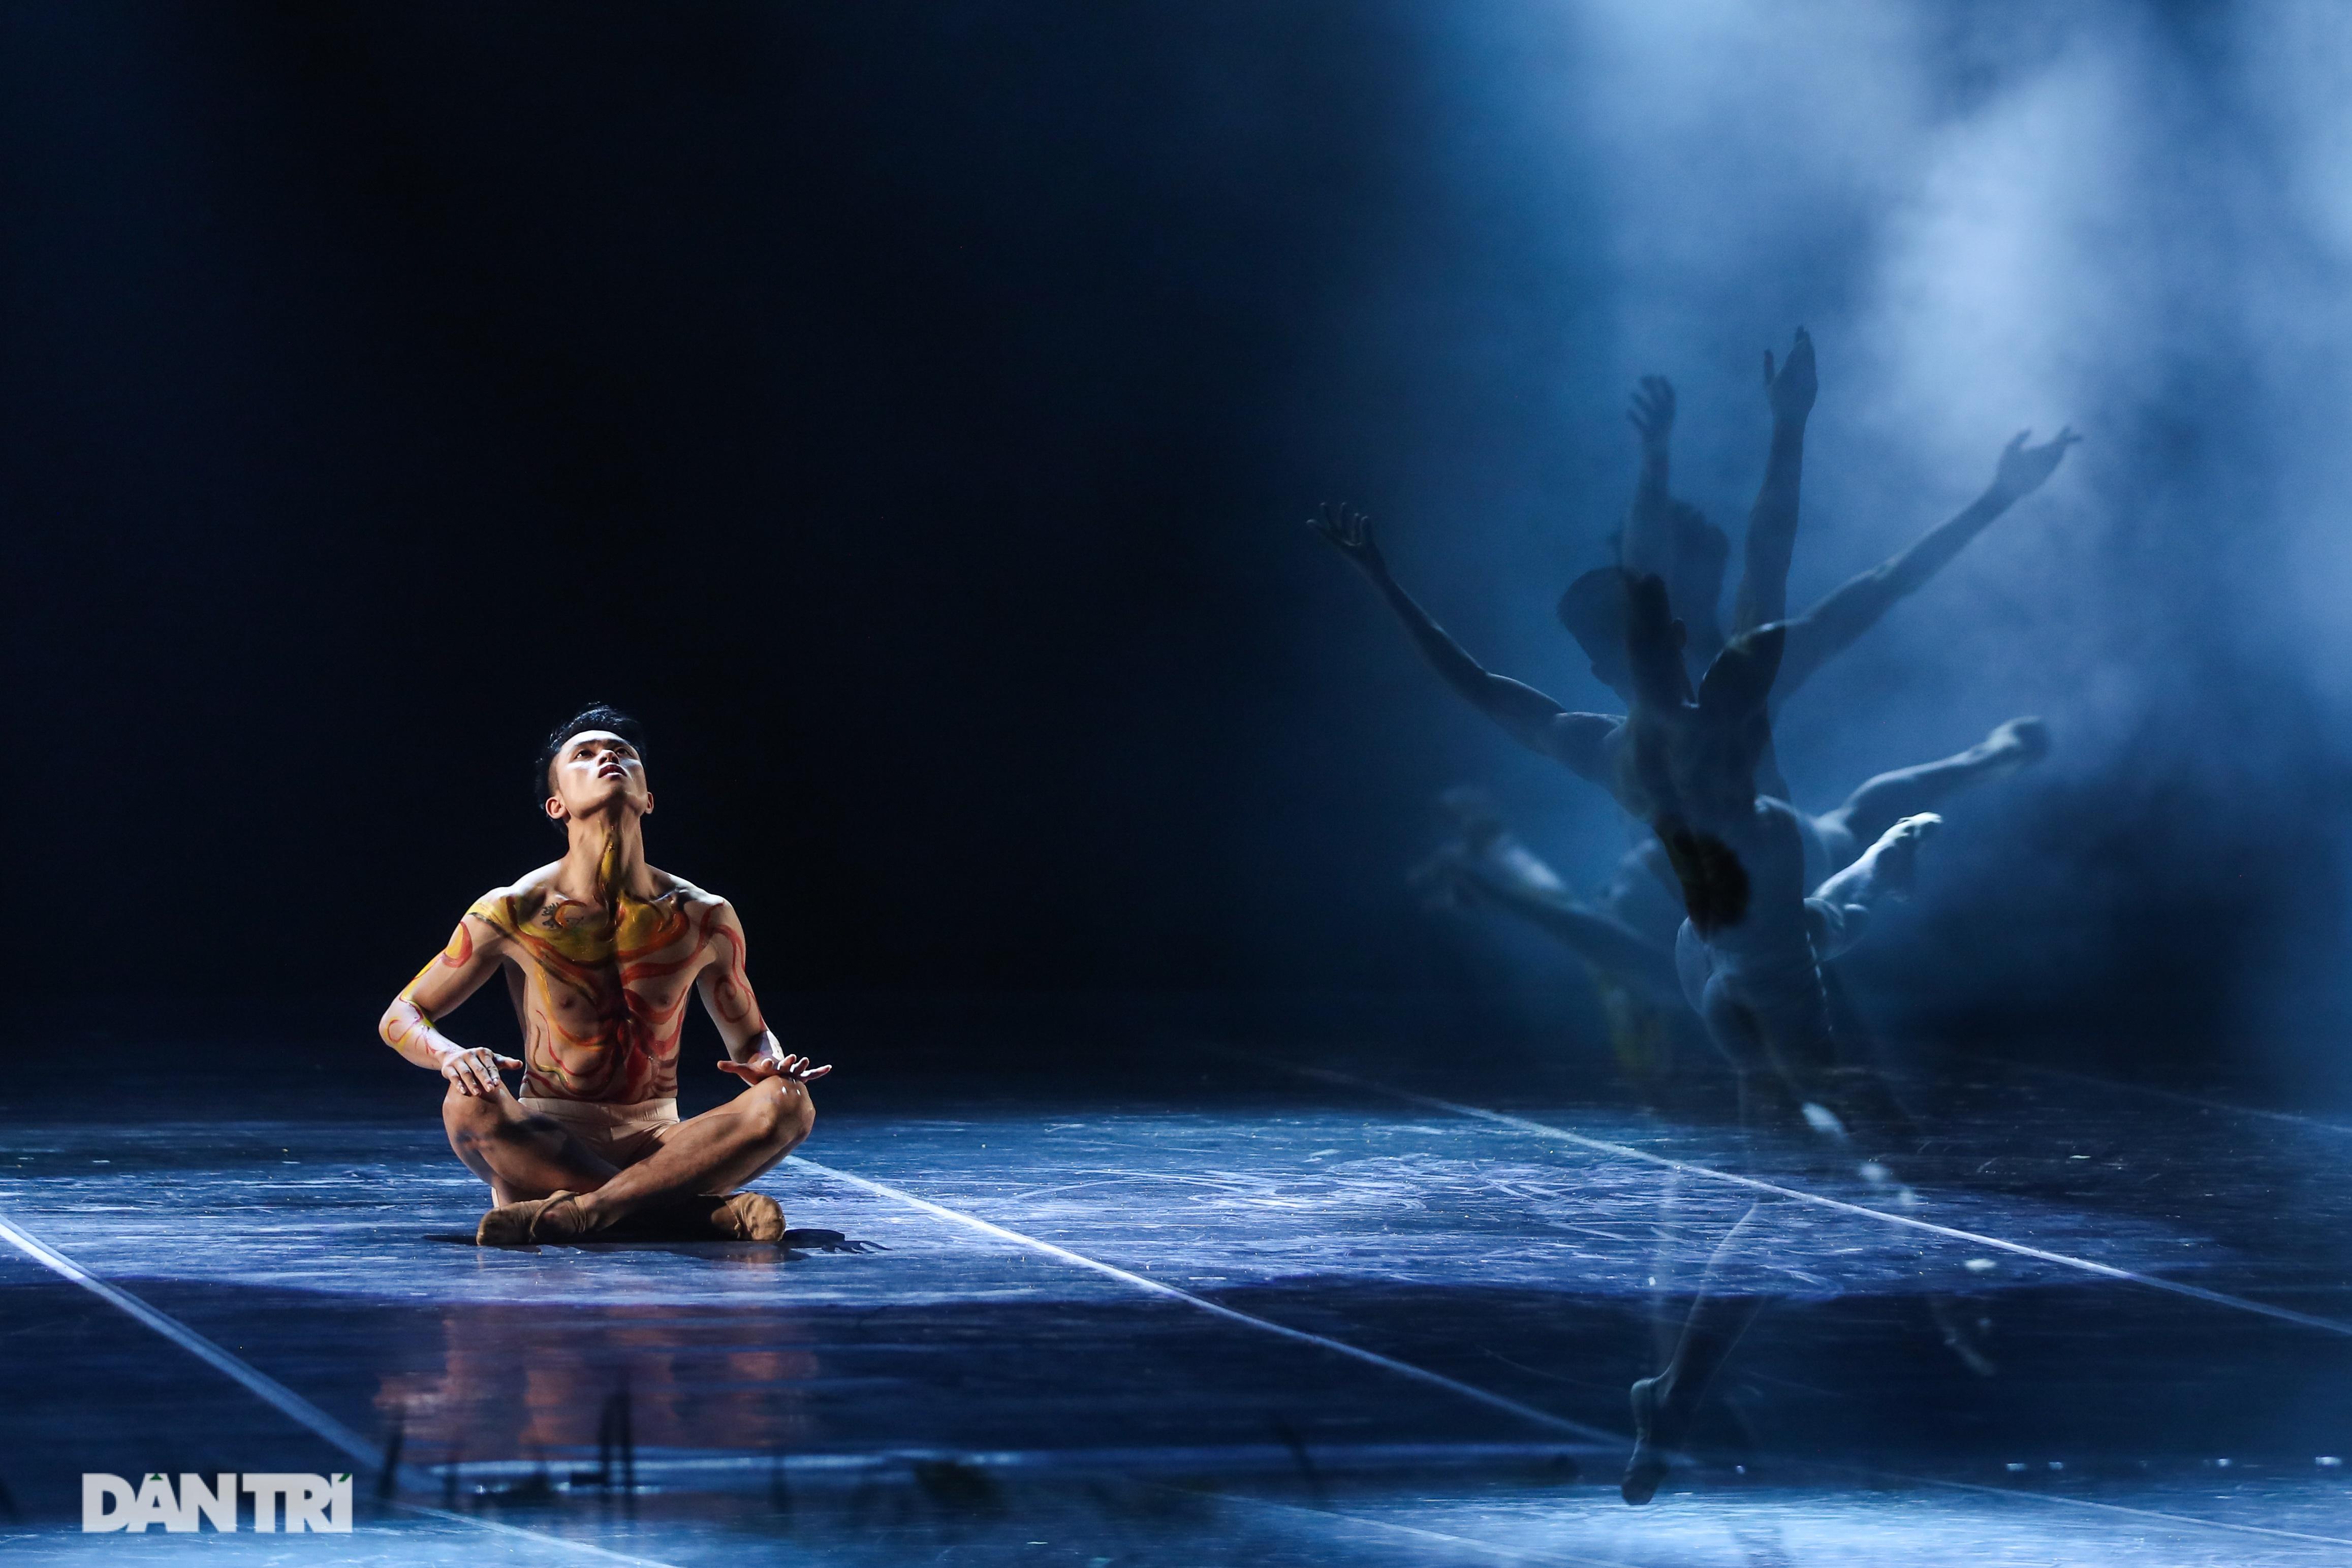 Khoảnh khắc mê hồn tại cuộc thi Tài năng biểu diễn múa - 7